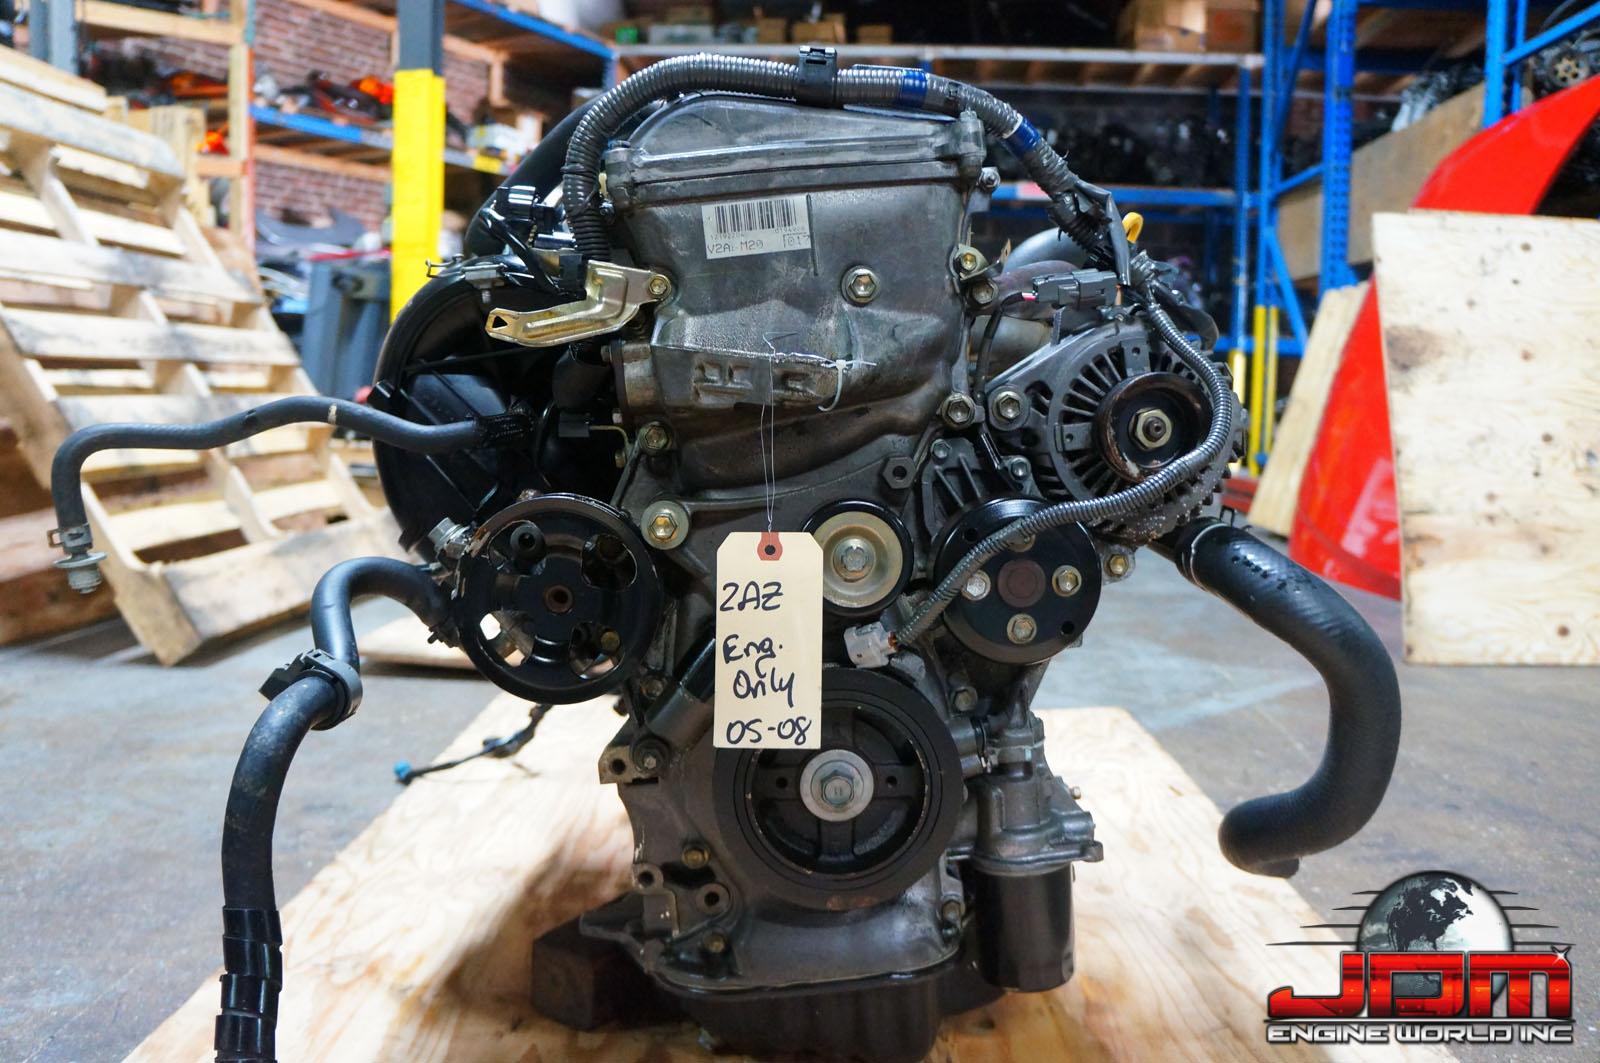 02 03 04 05 06 TOYOTA SOLARA 2AZ-FE ENGINE 2.4L VVTi JDM 2AZ